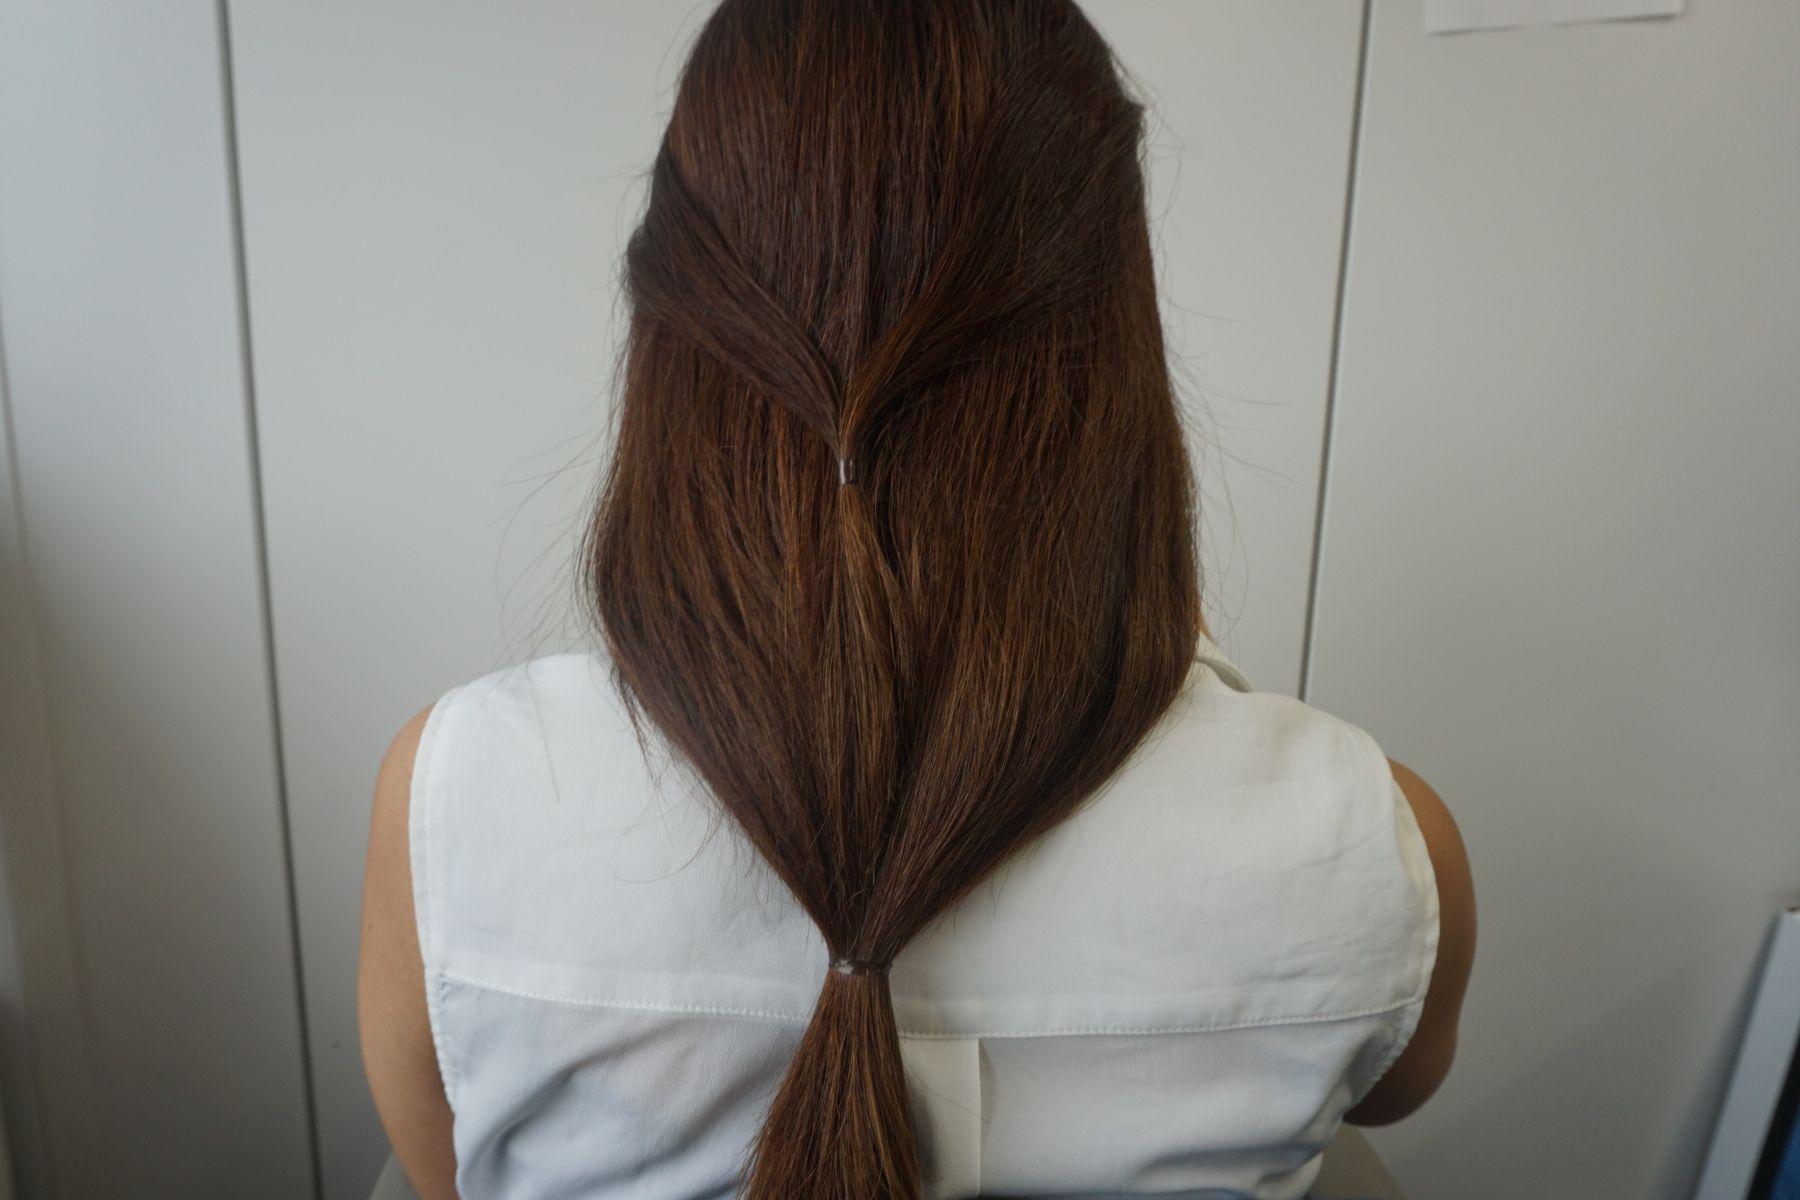 Easy Level 12 to 12 : Yukata/Kimono Hairstyle Arrangement Steps for